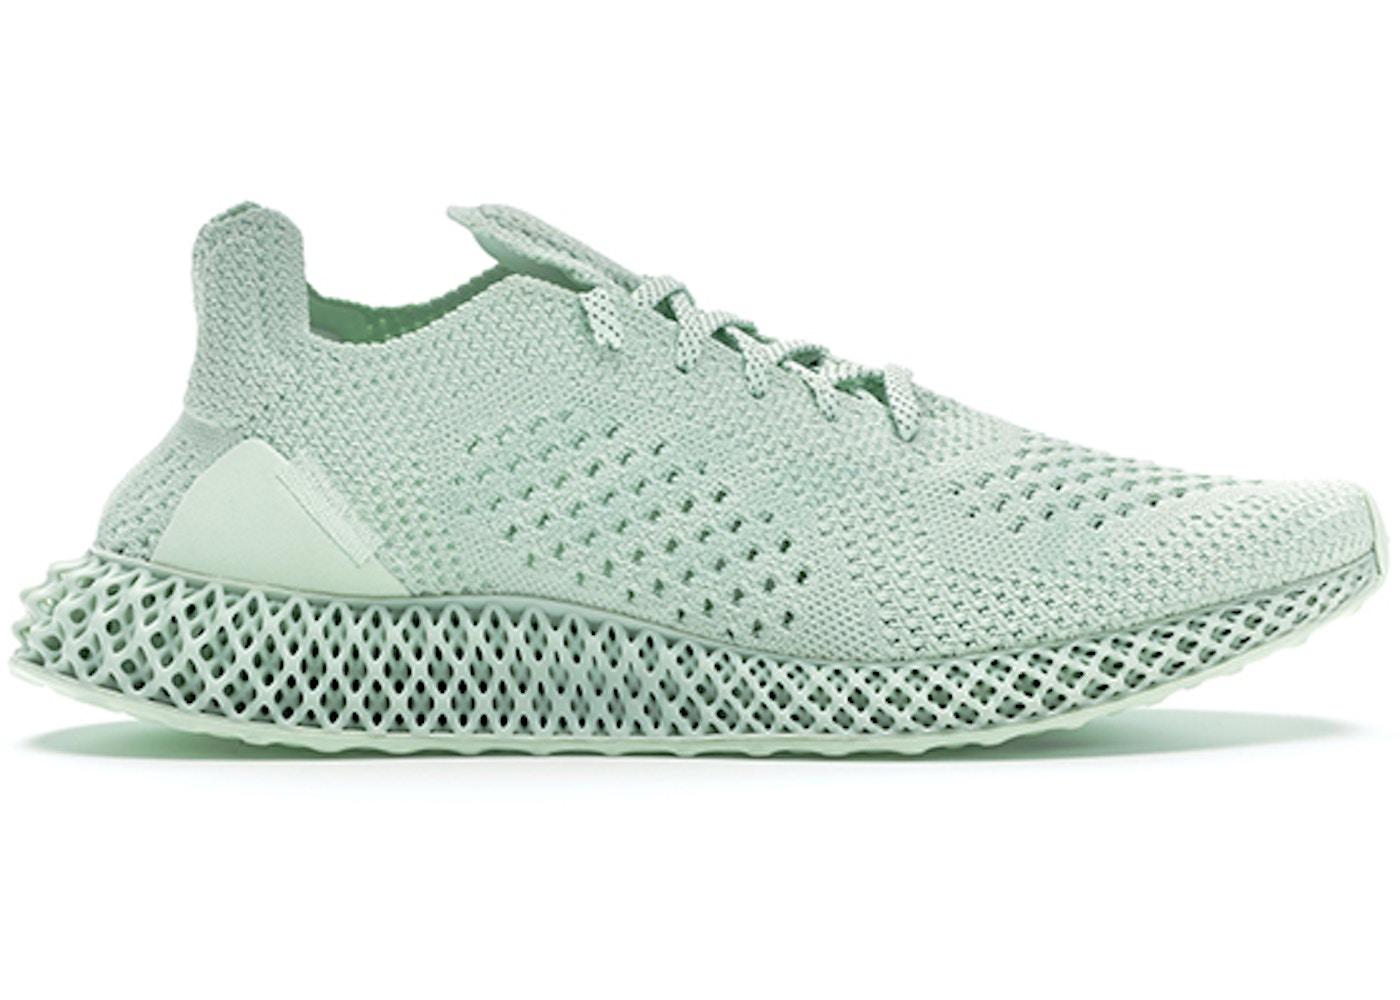 adidas Futurecraft 4D Daniel Arsham - BD7400 3db719ed2ab